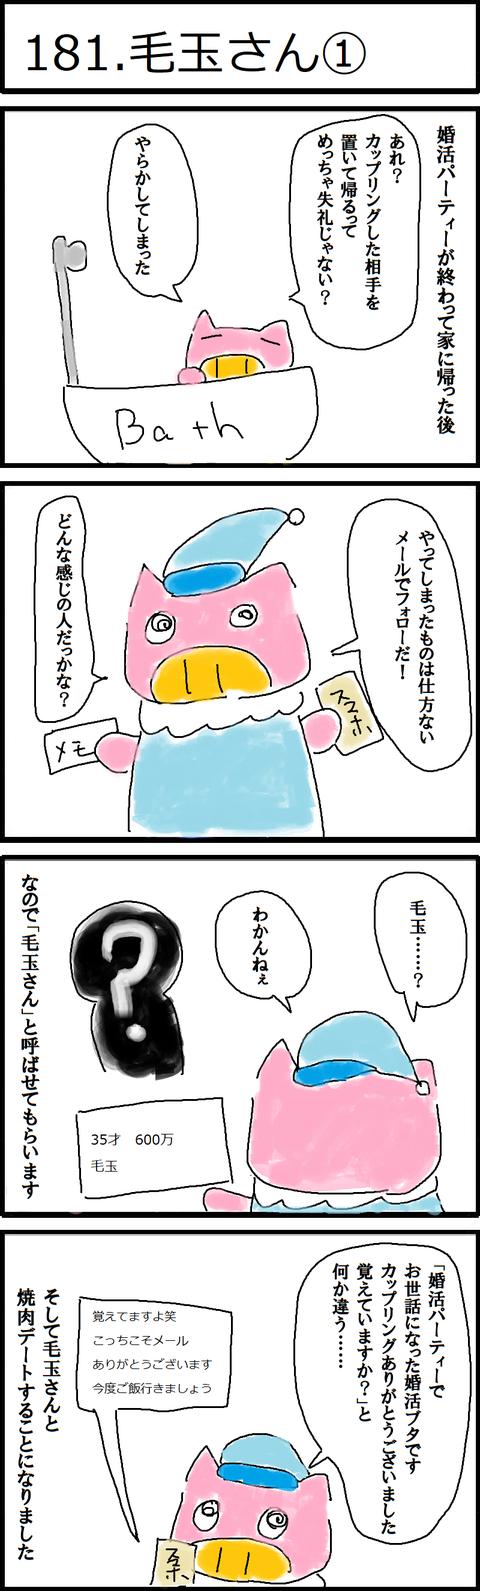 181.毛玉さん①